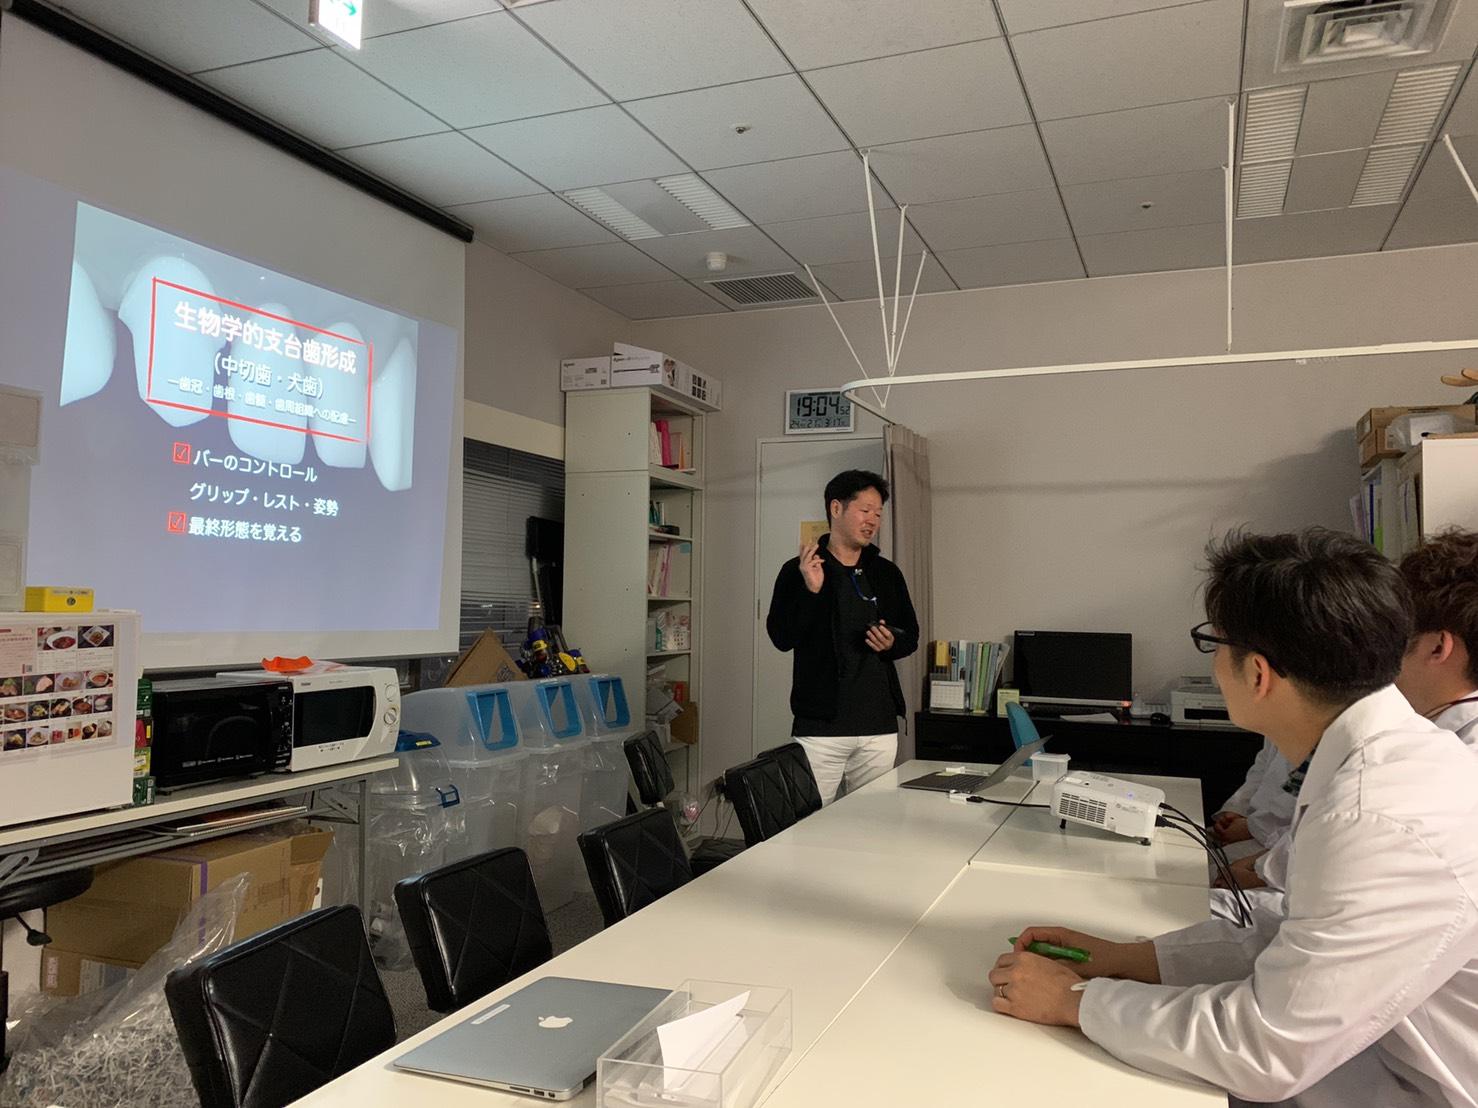 大阪歯科大学の学生に向けて講義と実習をしました